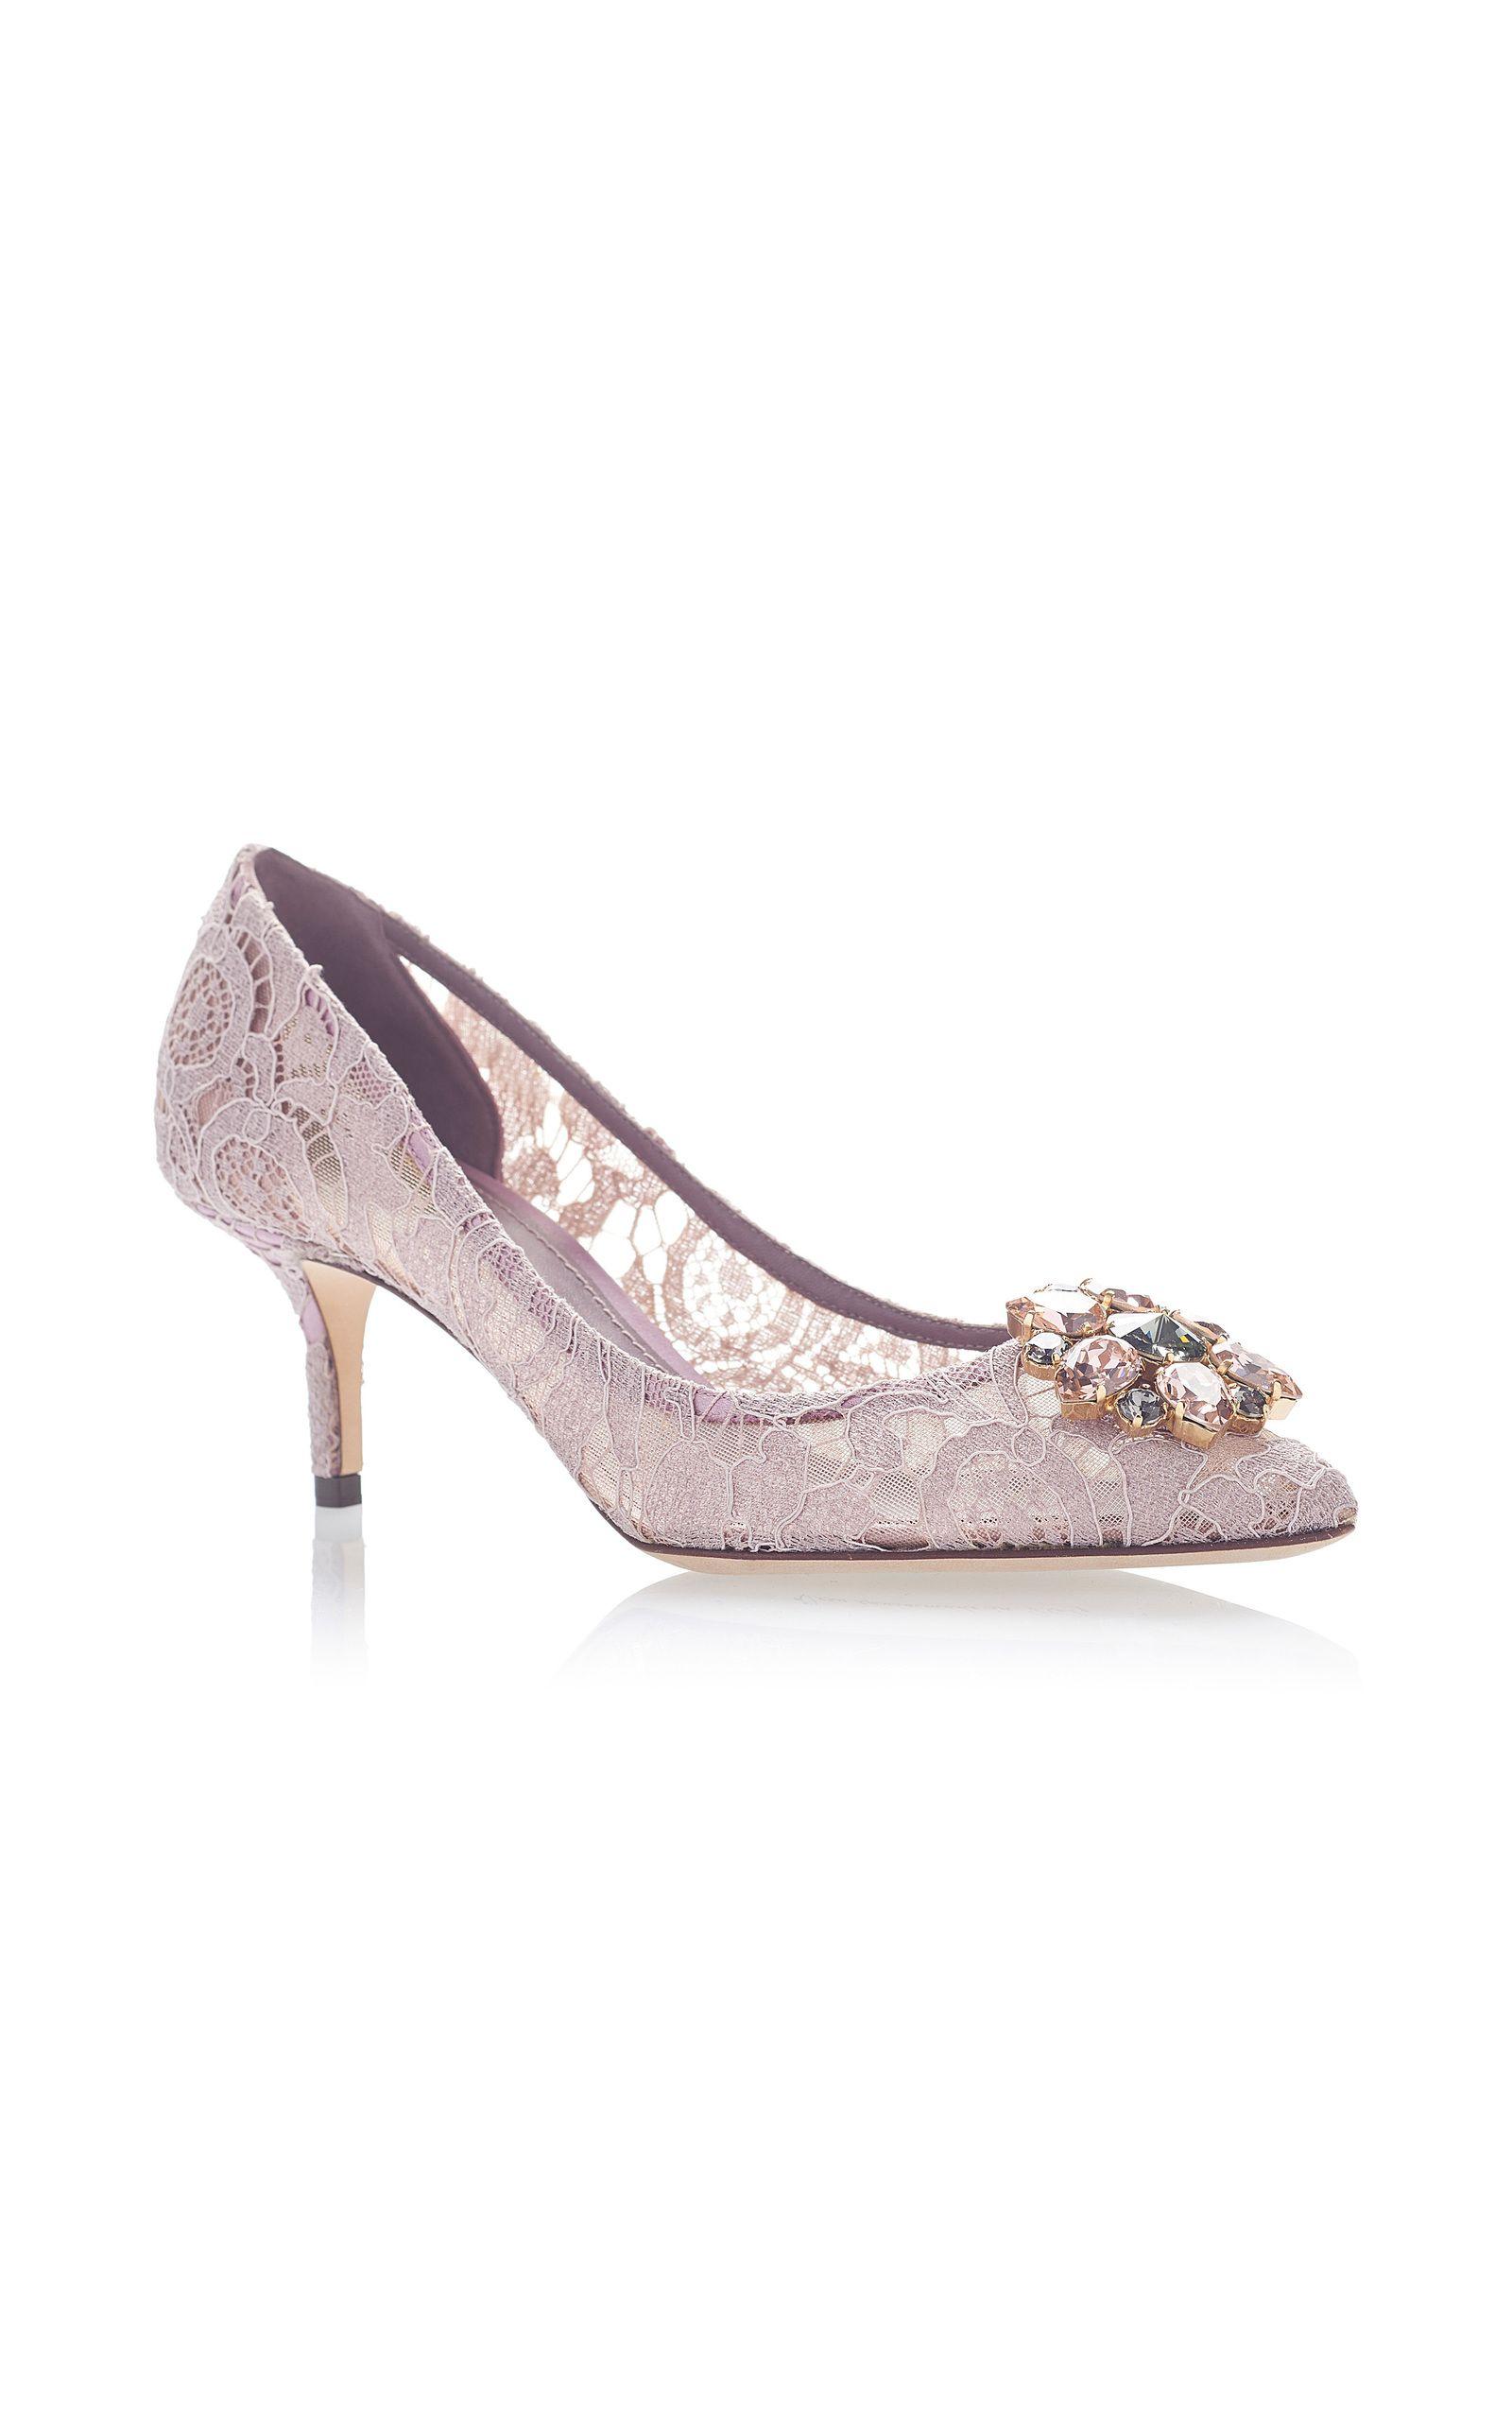 Nhấp Vao Sản Phẩm để Phong To Lace Pumps Stunning Shoes Heels